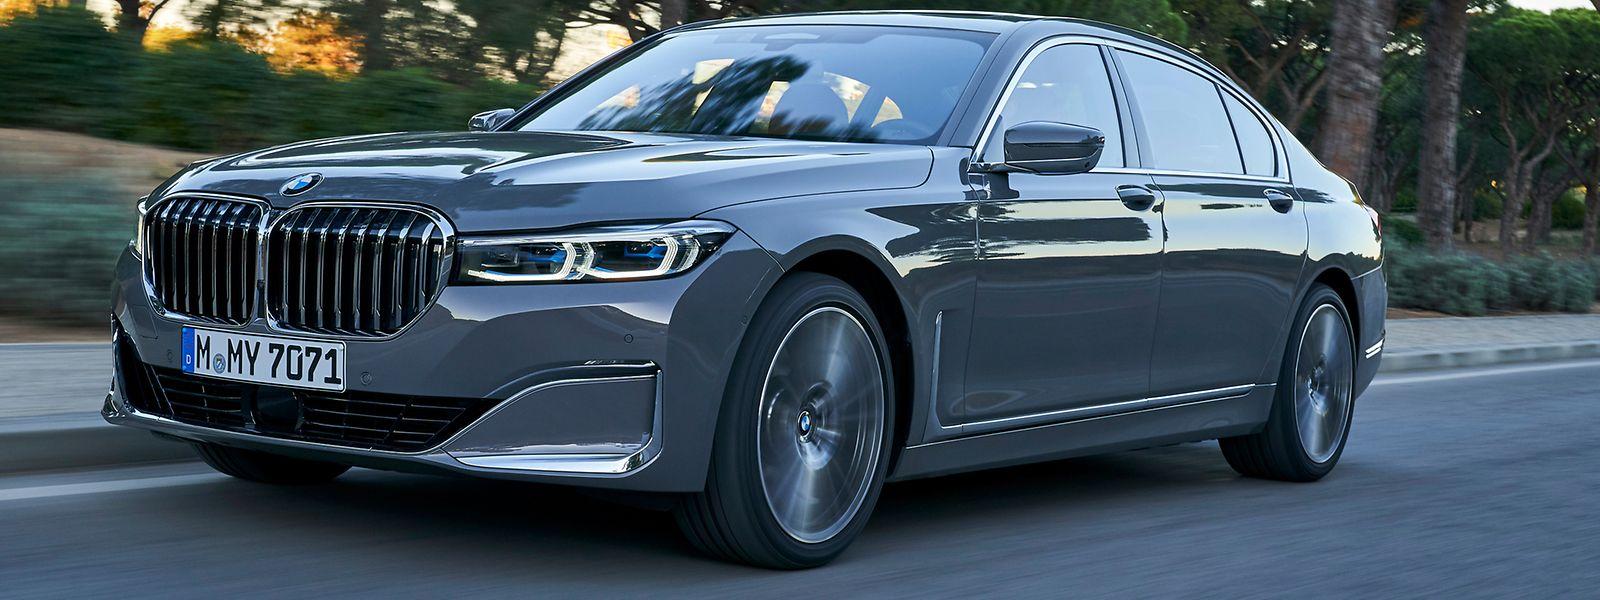 Der aufgefrischte BMW 7er ist vor allem an der wuchtigen Front zu erkennen.